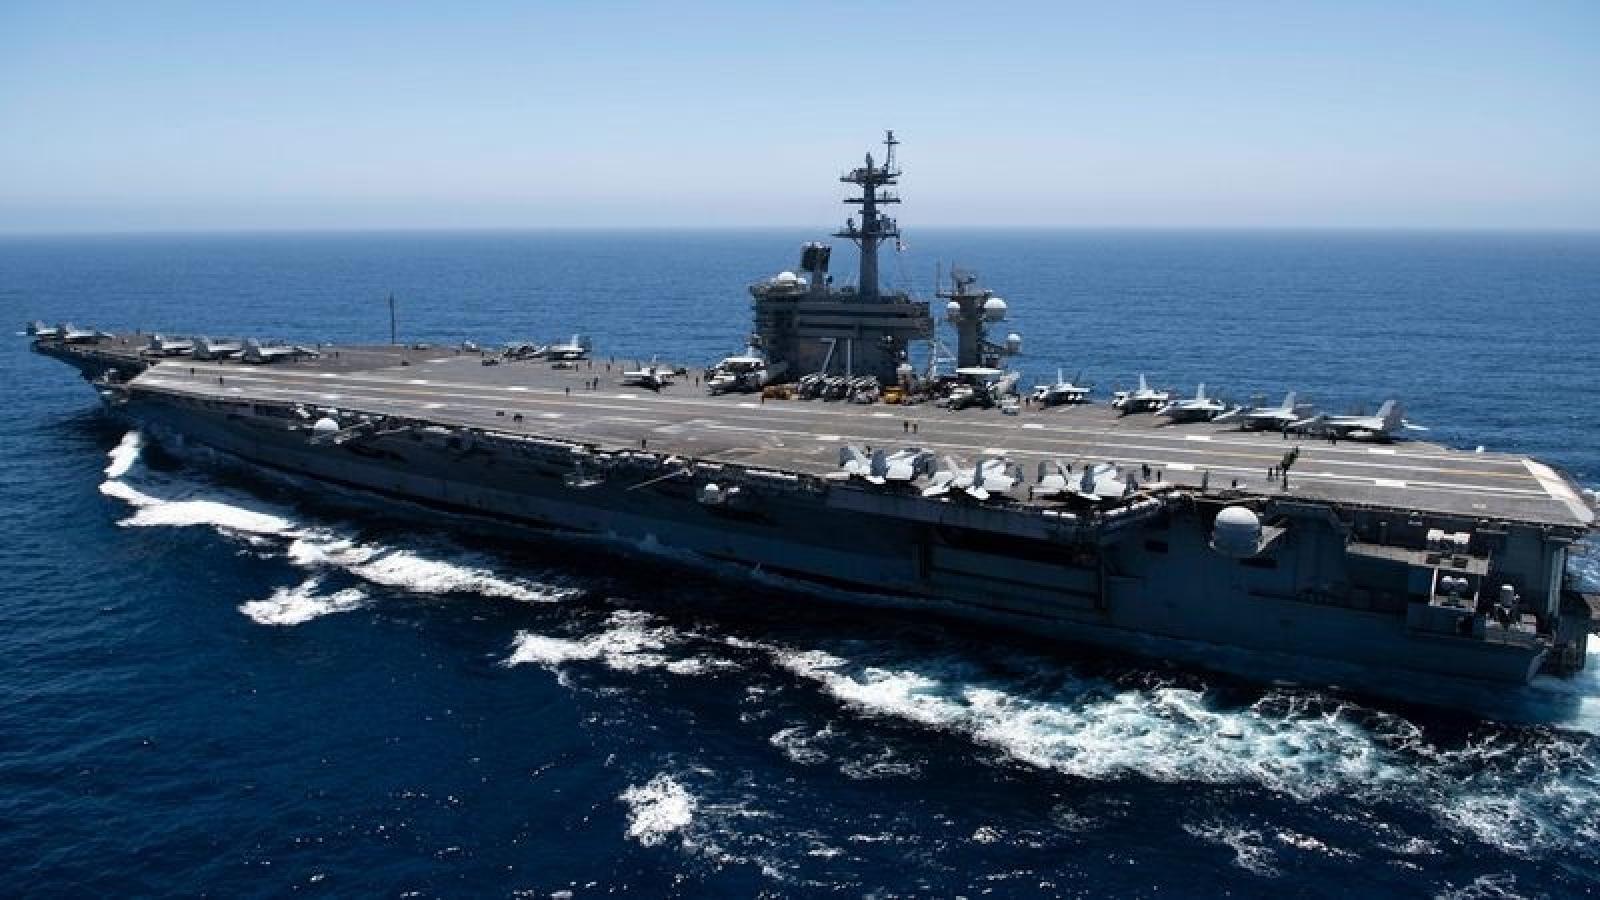 Tàu sân bay Mỹ và Trung Quốc cùng xuất hiện trên Biển Đông